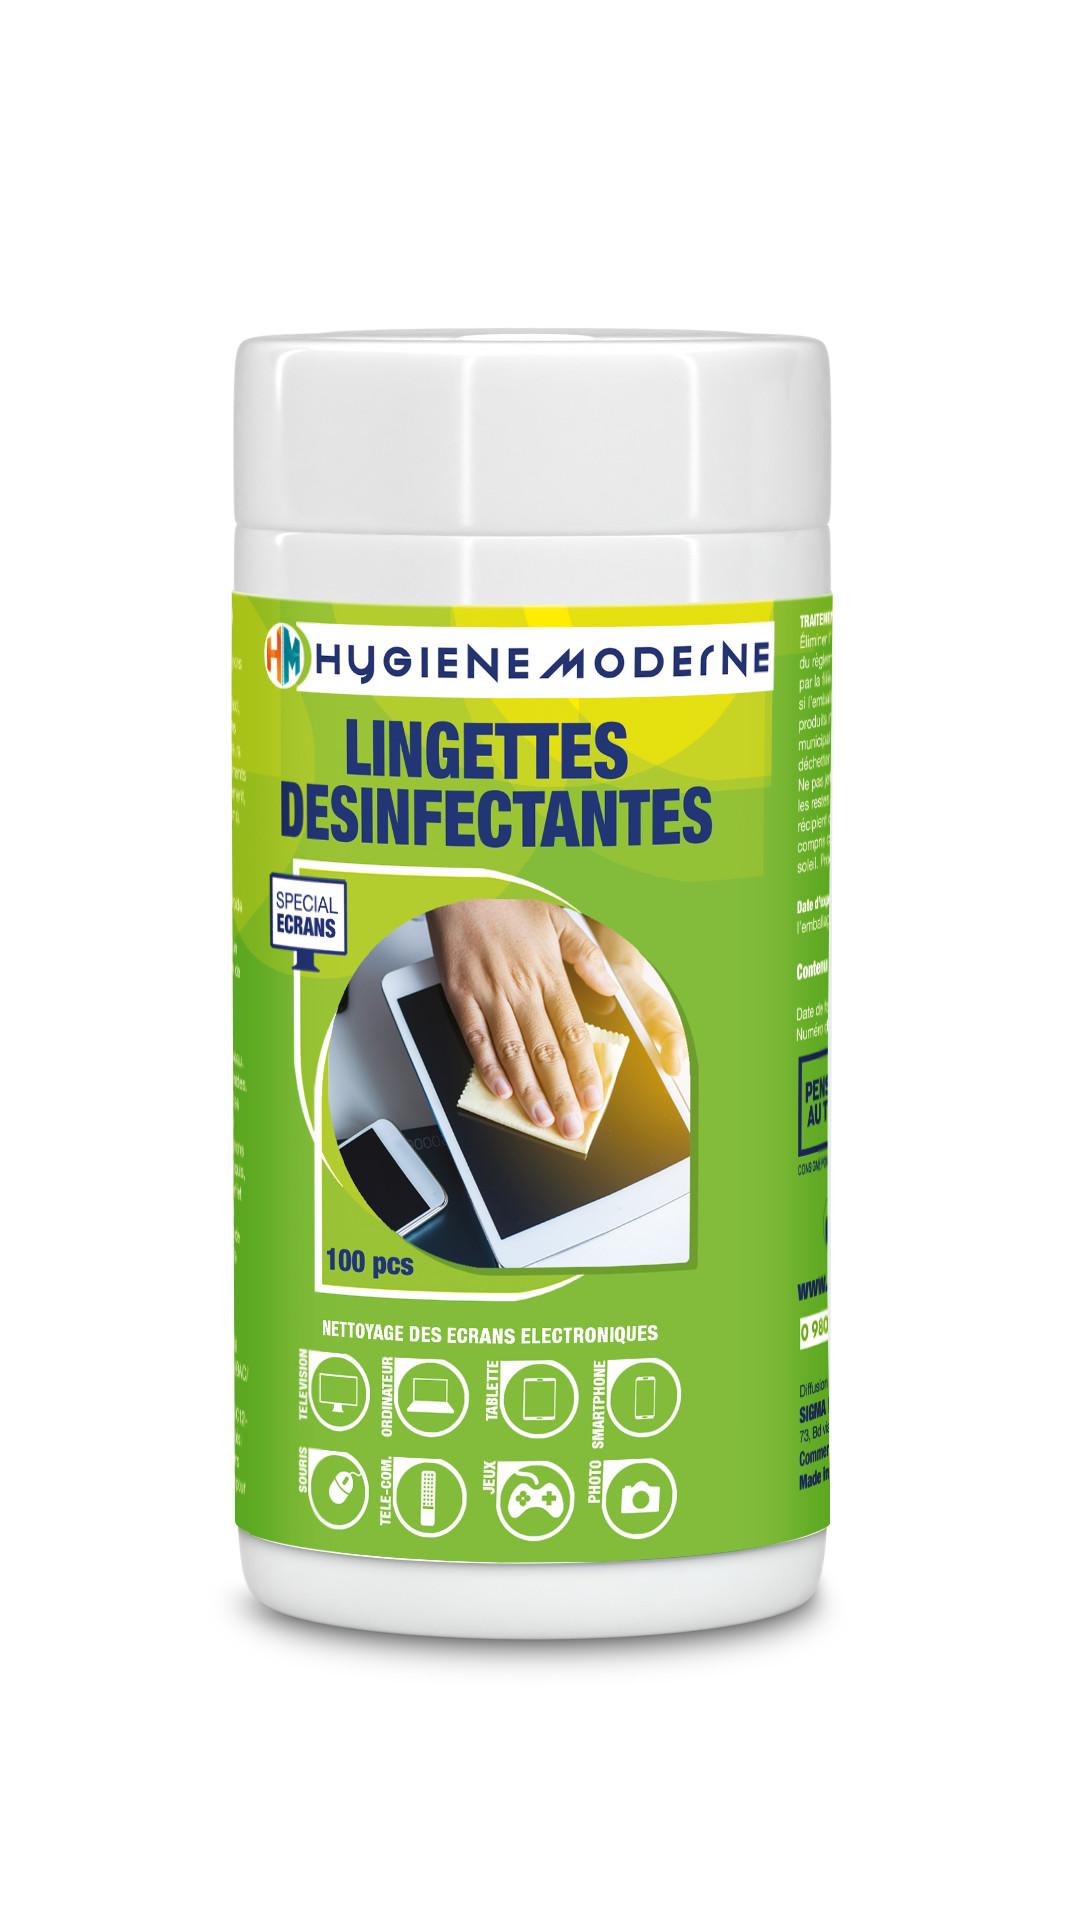 Petite Boite de 100 Lingettes nettoyantes et désinfectantes pour petits écrans HYGIENE MODERNE